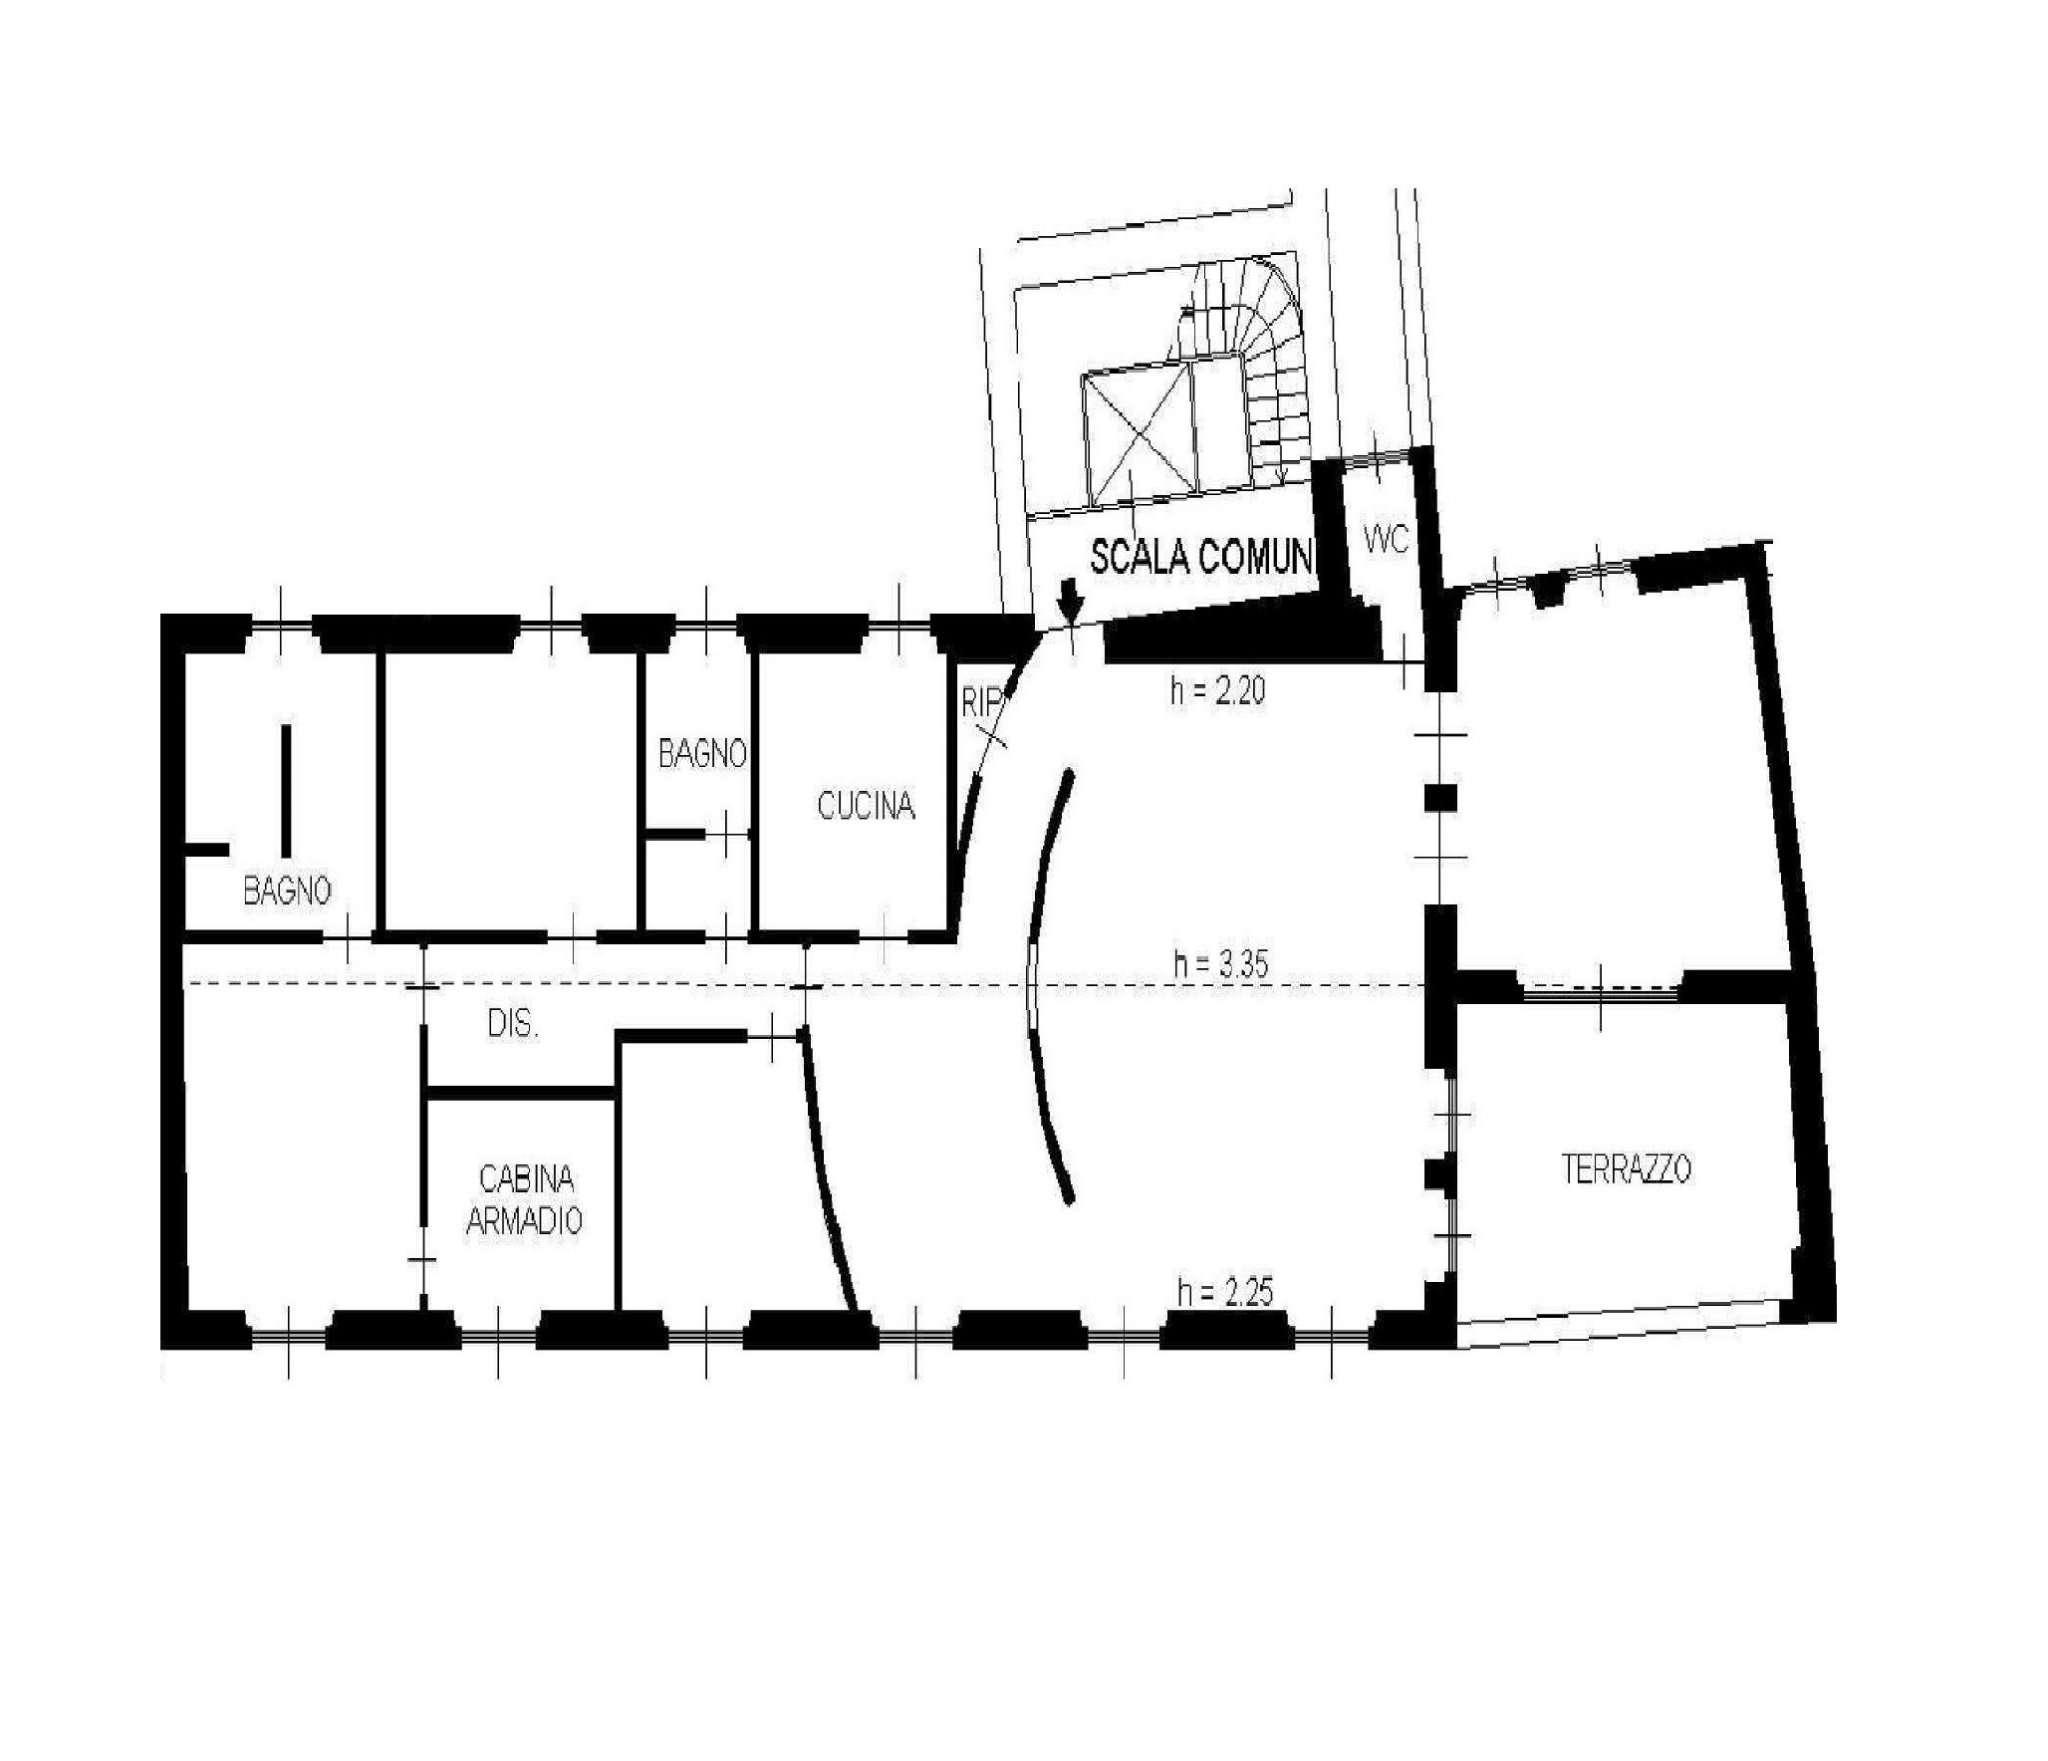 Foto 5 di Appartamento via Via Clerici, Milano (zona Centro Storico)